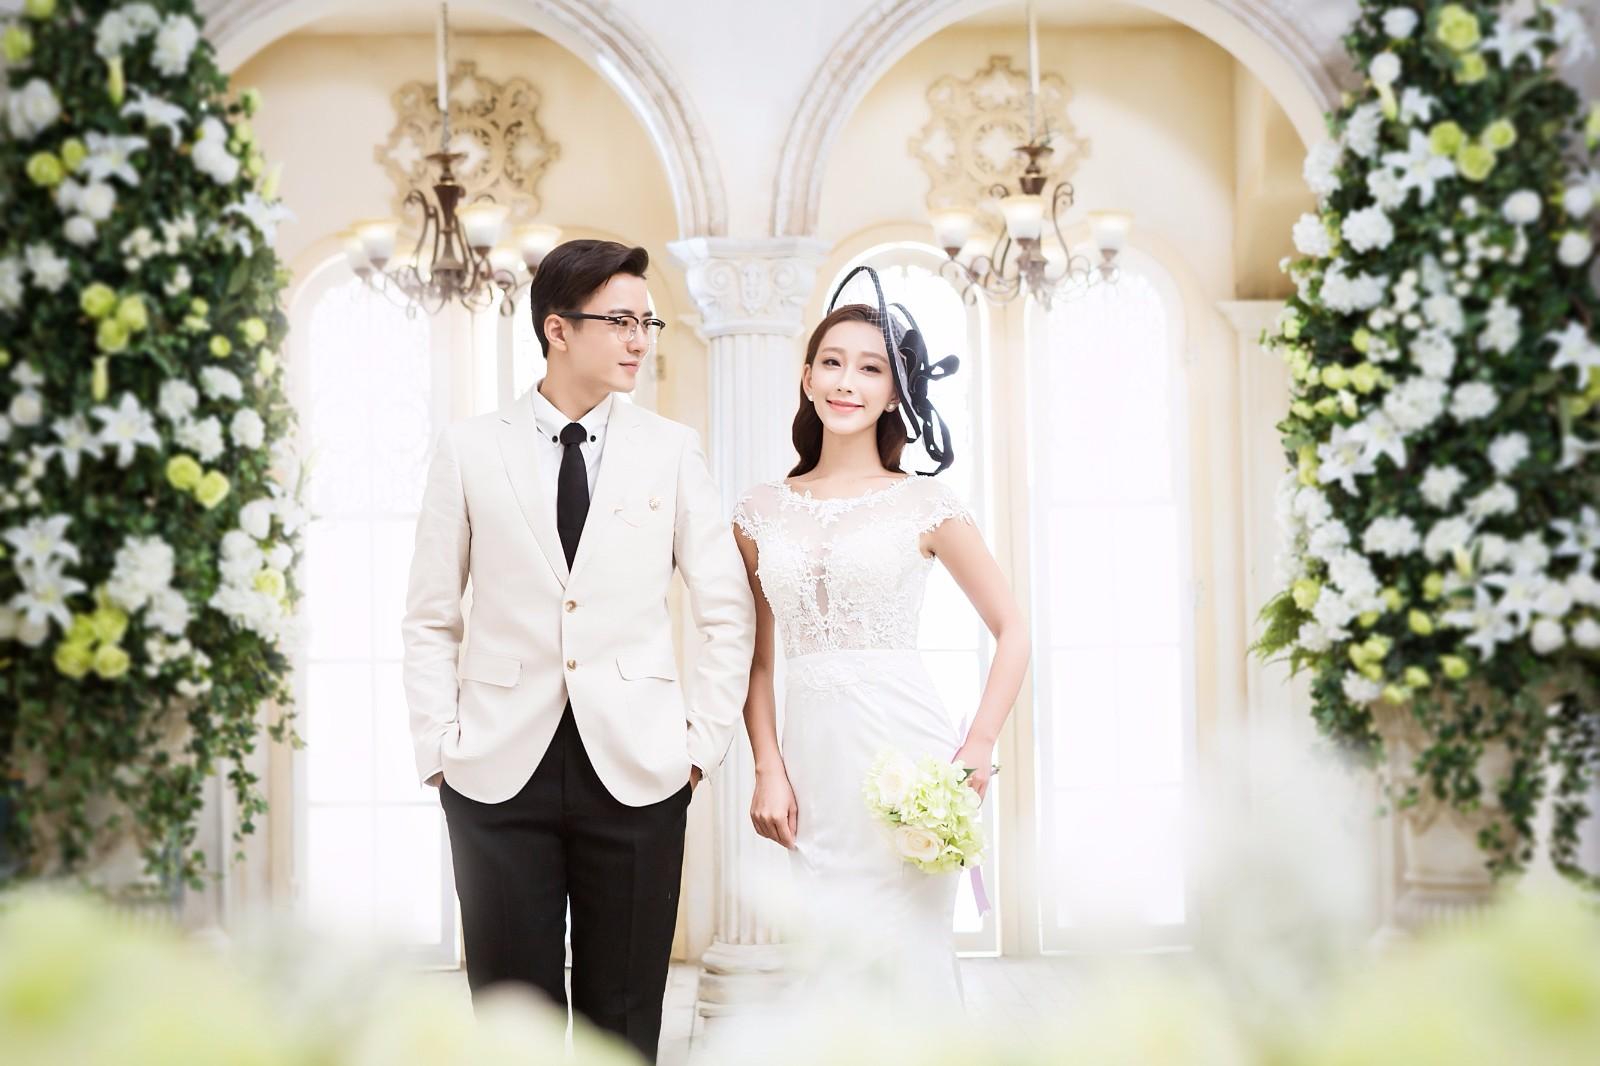 旅游婚纱摄影哪家好,就更能展现出新人的幸福美丽